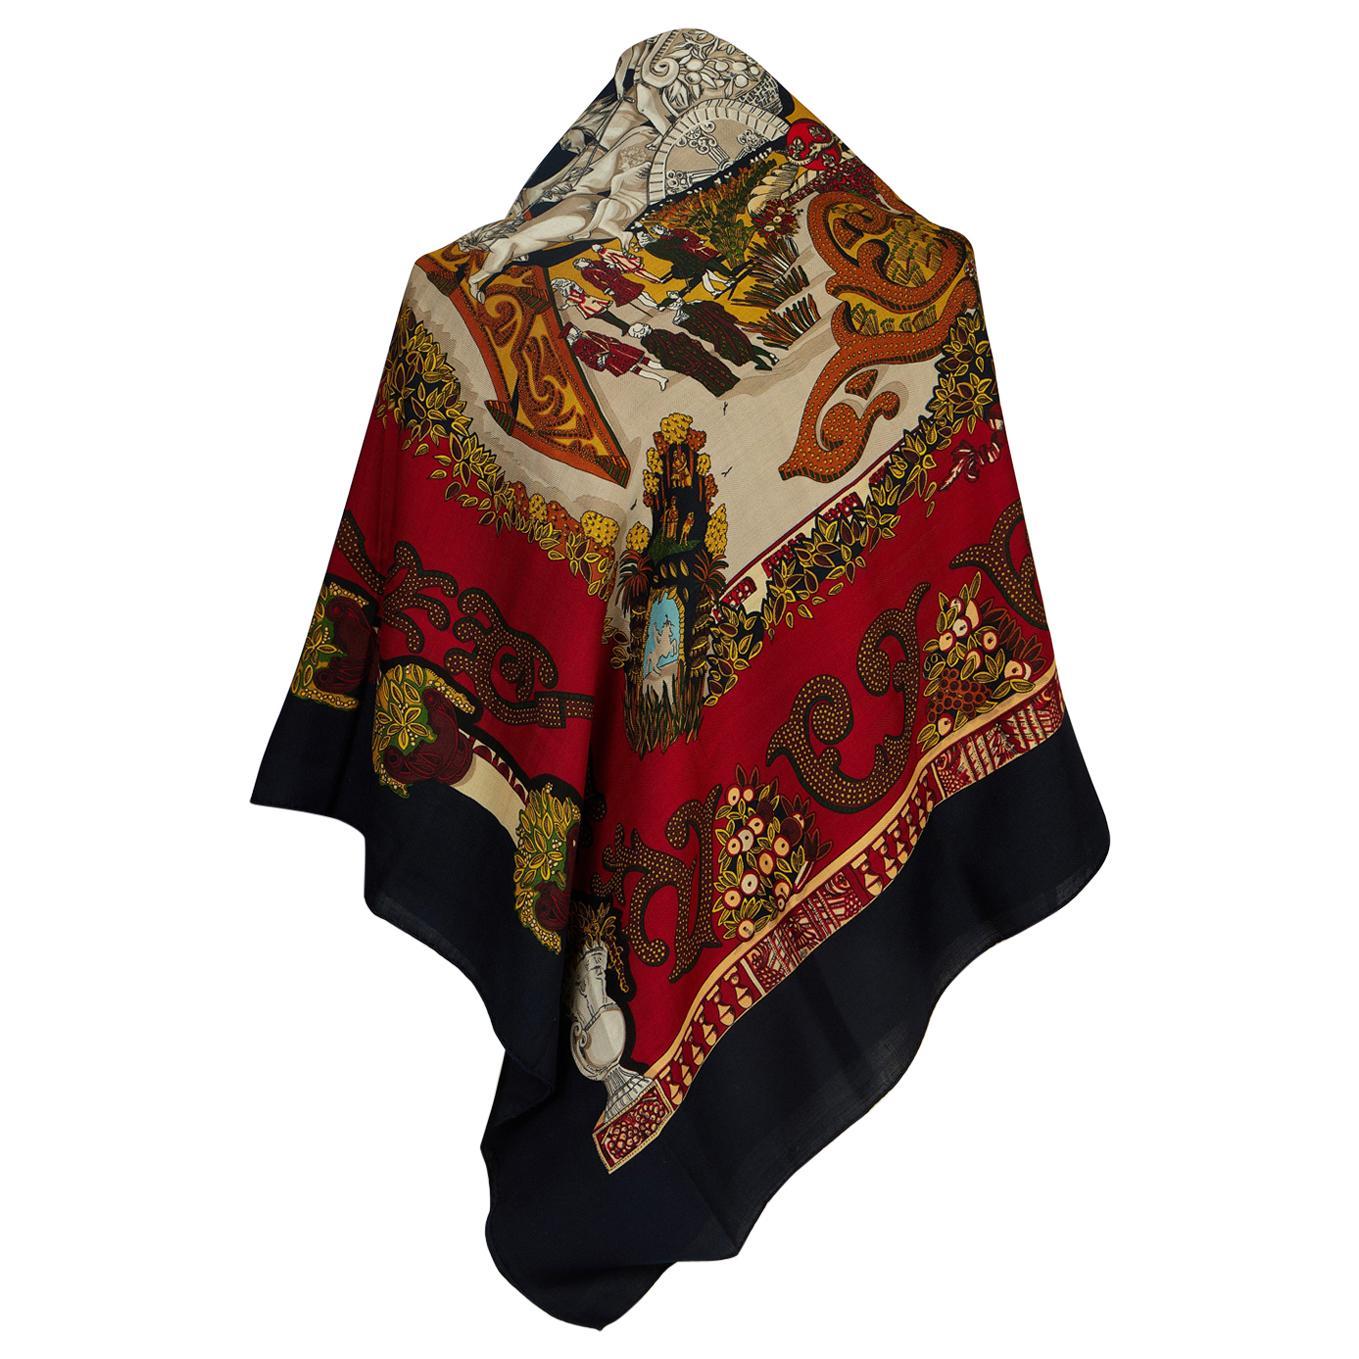 1990's Vintage Hermès Paradis Du Roi Dark Red Shawl